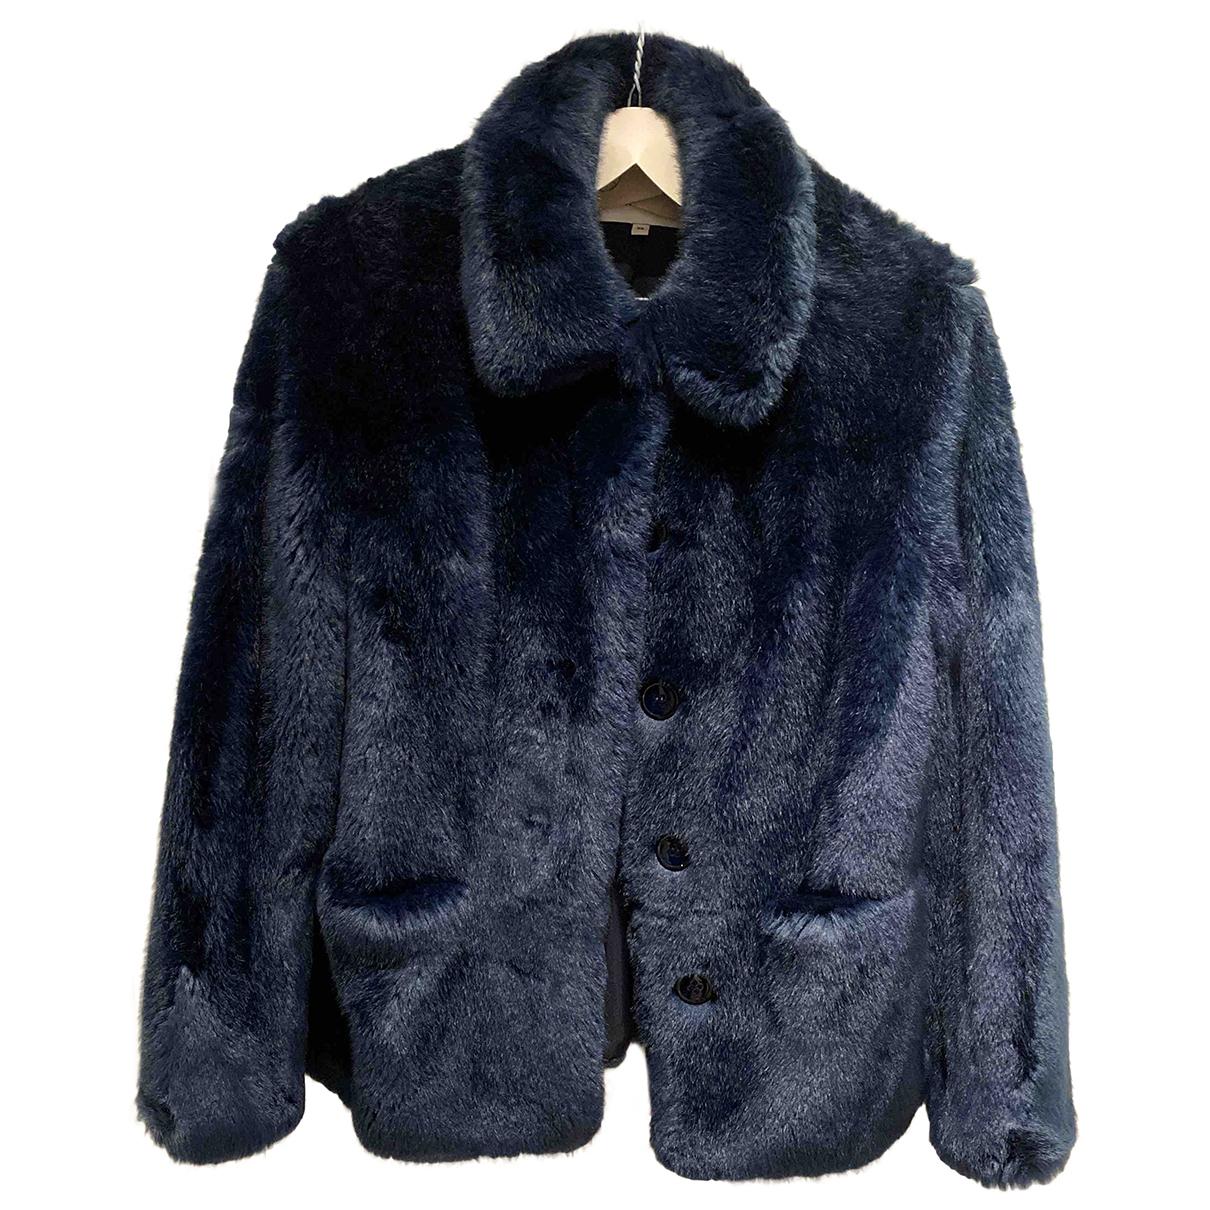 Reiss \N Blue Faux fur jacket for Women XS International